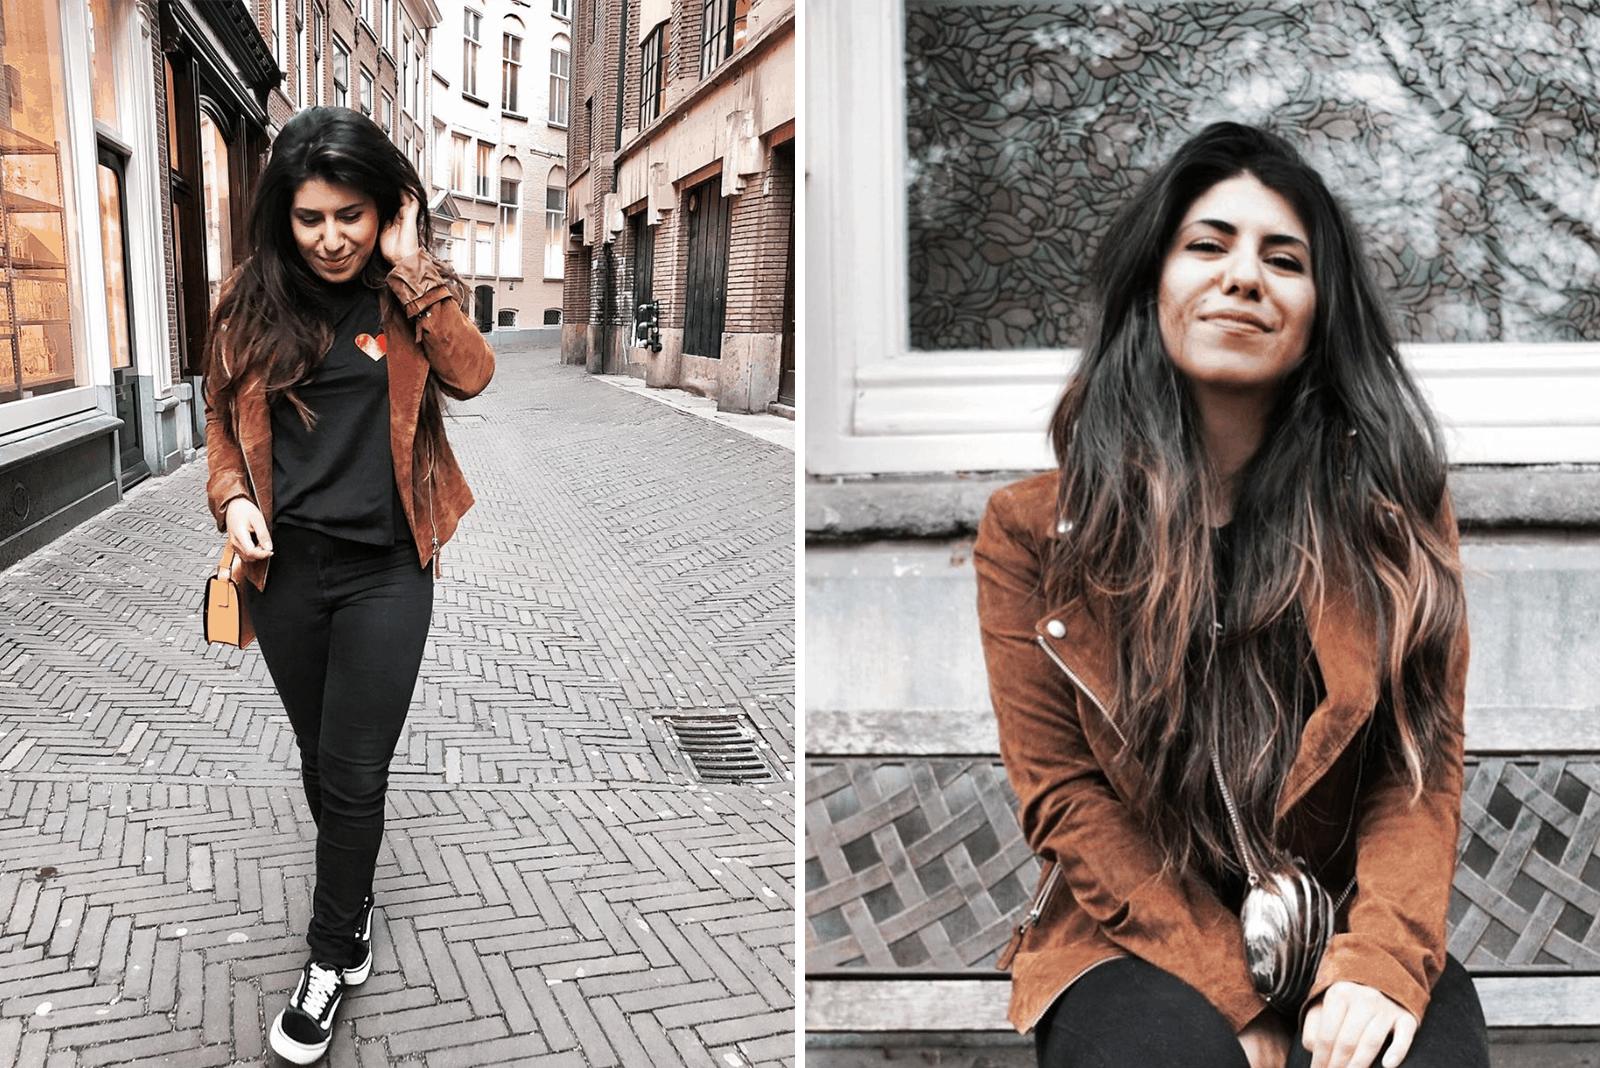 Girls Who Magazine wilt graag voorstellen aan een inspirerend persoon. We spraken fulltime blogger van Fitbeauty Teni Stepanosian. Ze is afgestudeerd als diëtist en weet haar kennis over voeding te delen met 200.000 bezoekers! Ze schrijft vanuit haar hart, eet met passie en reist de wereld over.